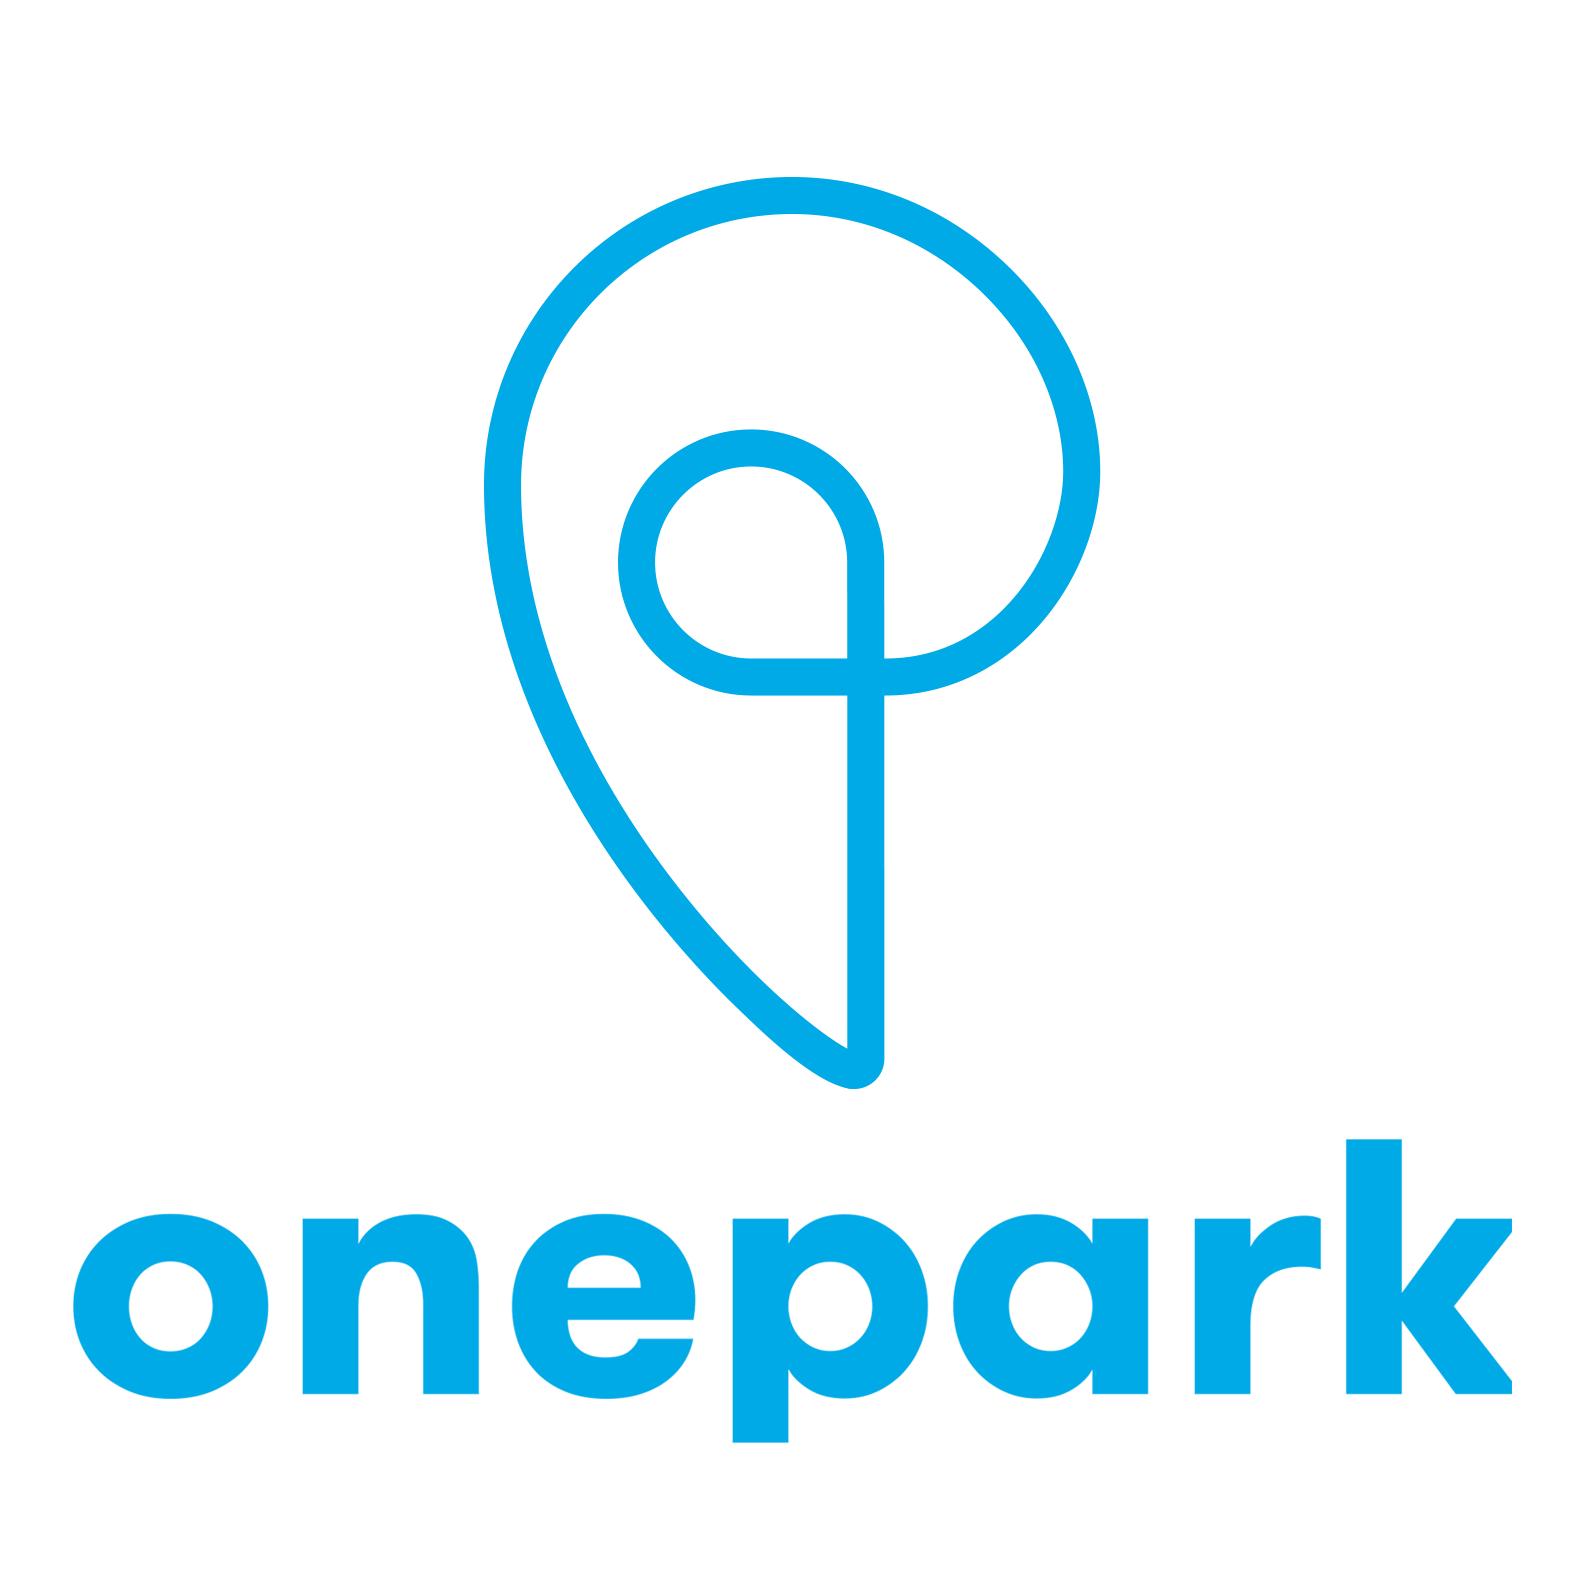 [Nouveaux clients] 20% de réduction pour une première réservation d'un emplacement de parking